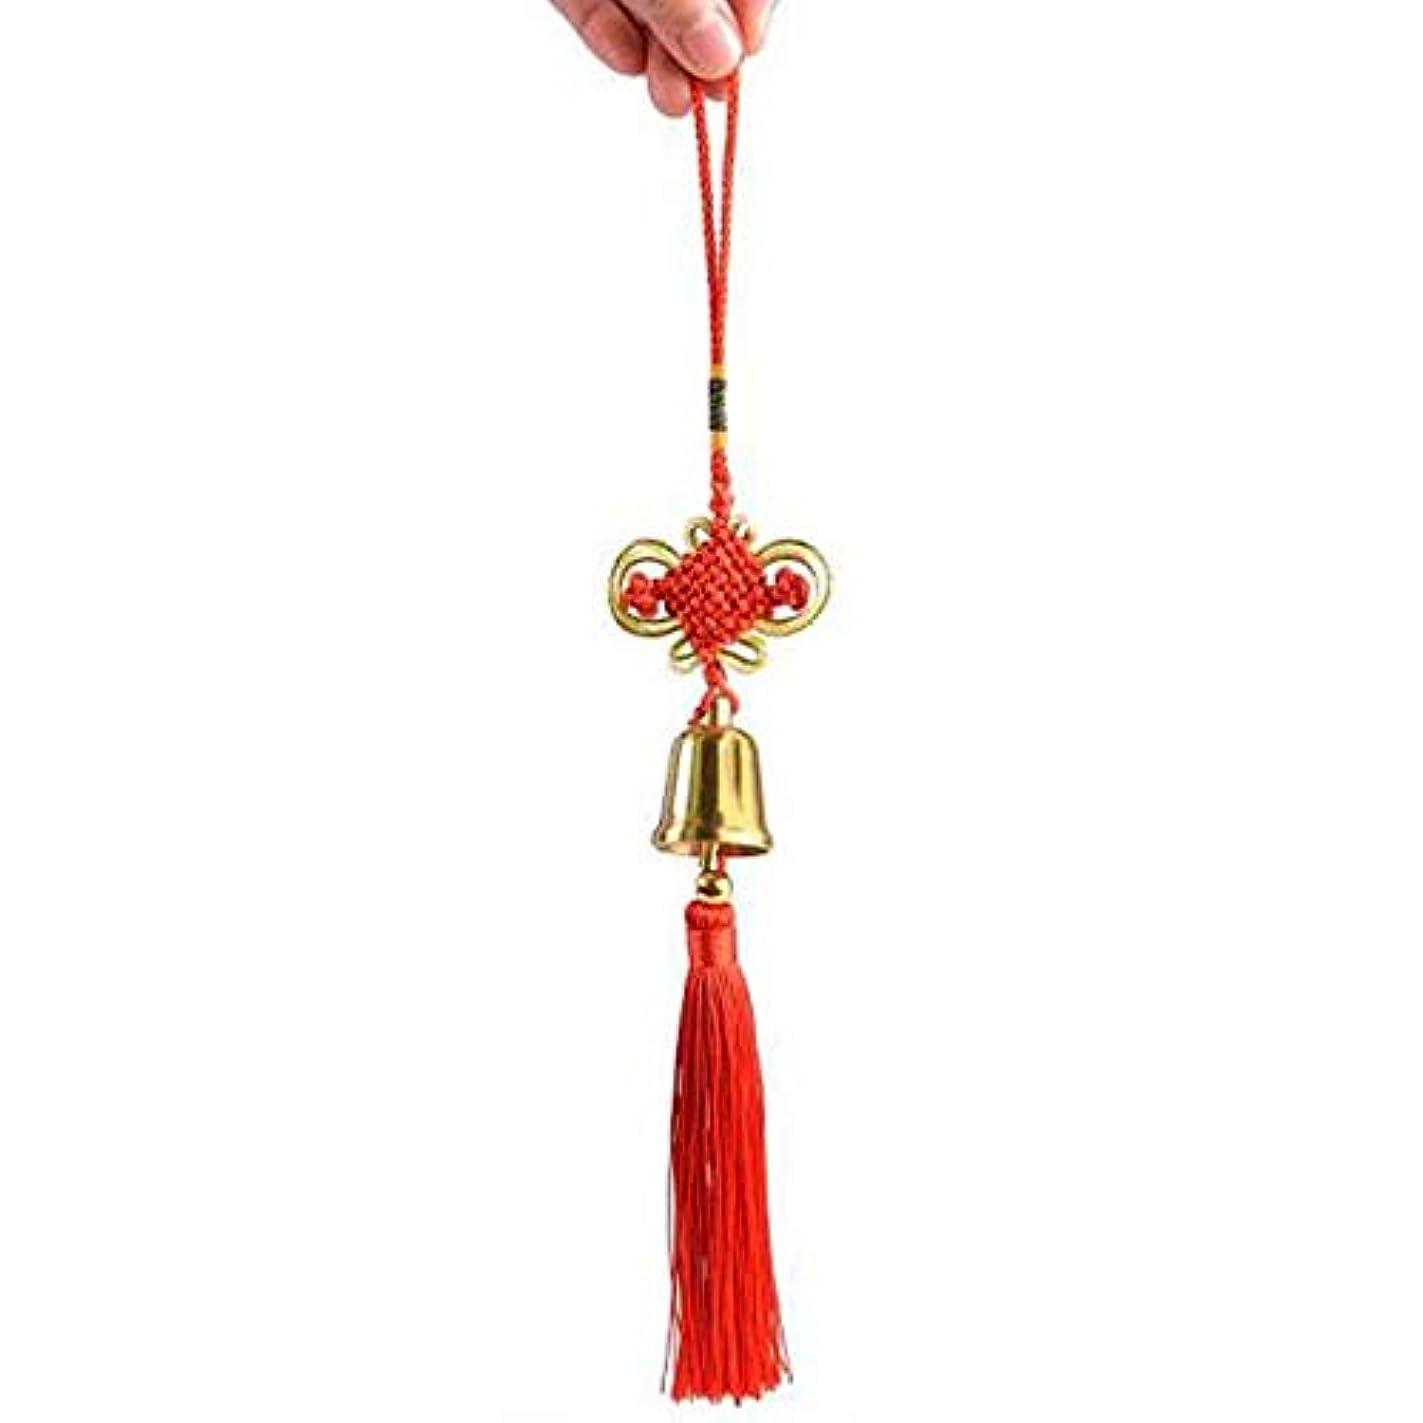 成熟覚醒拡大するHongyuantongxun 風チャイム、真鍮ベル、ホーム車の装飾、ゴールド、サイズ4x3CM,、装飾品ペンダント (Size : 3cm)